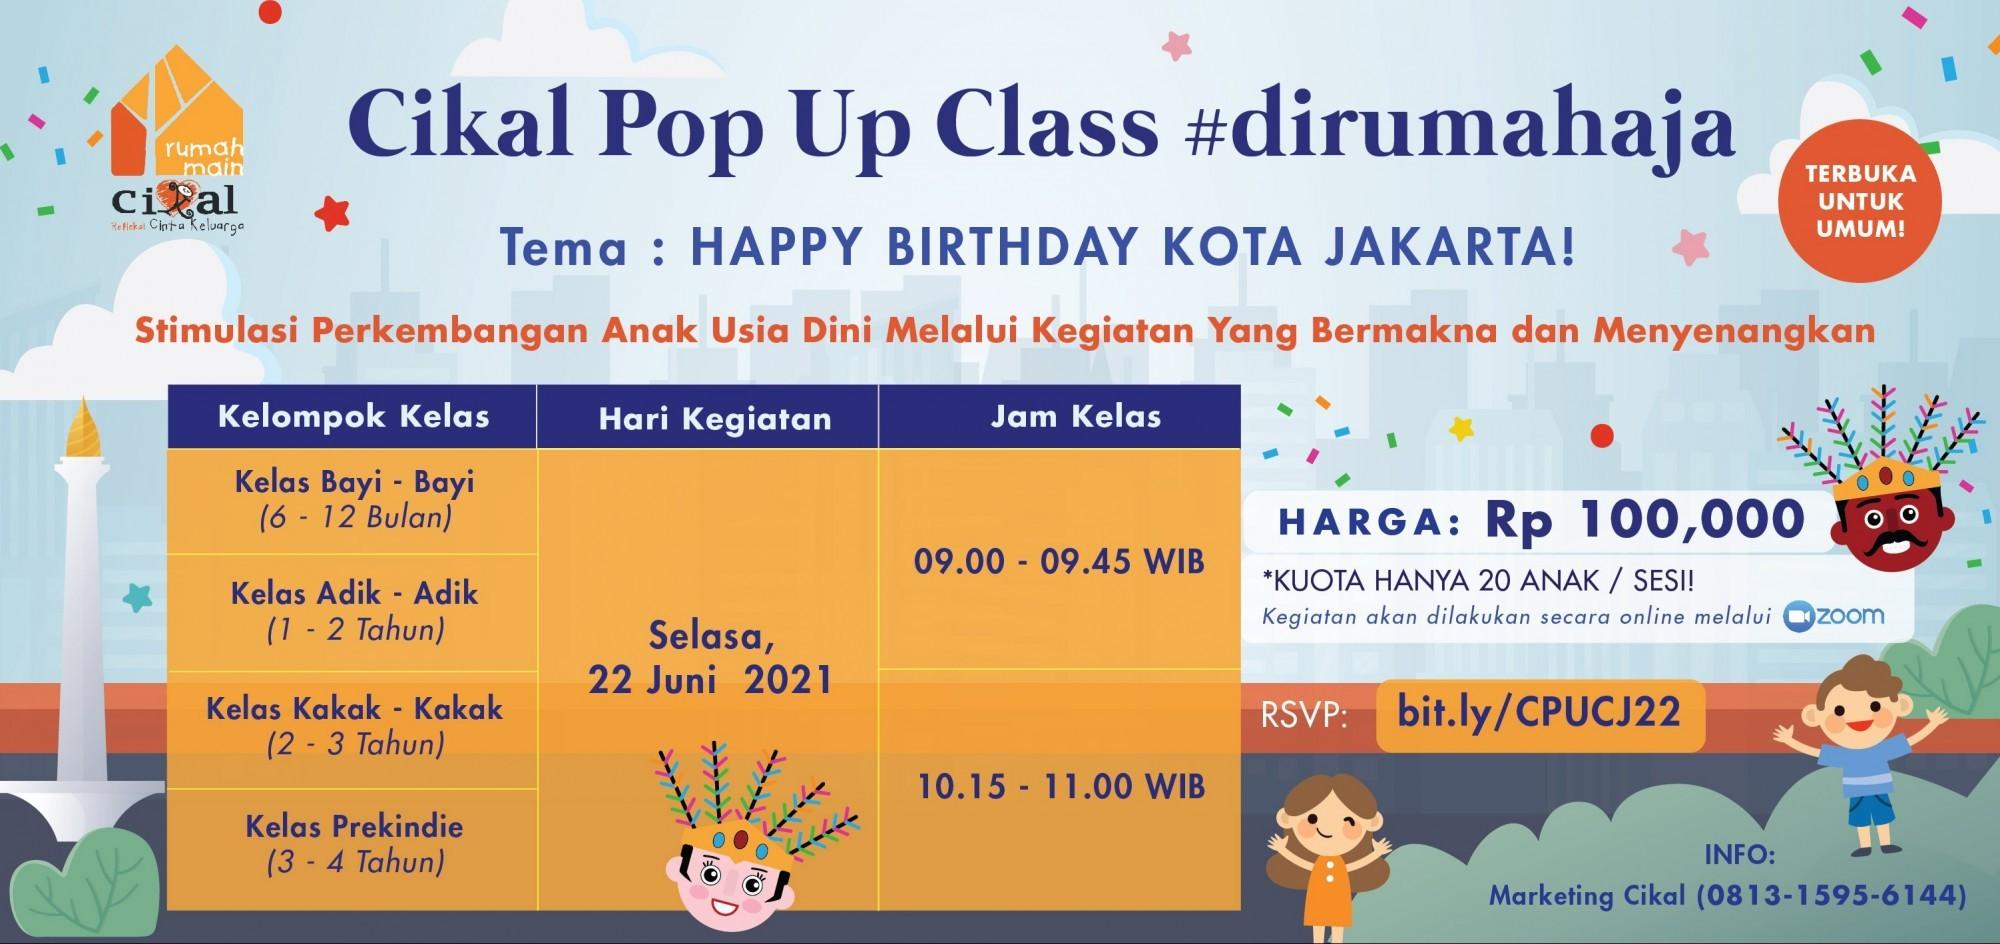 Cikal Pop Up Class #dirumahaja 22 Juni 2021